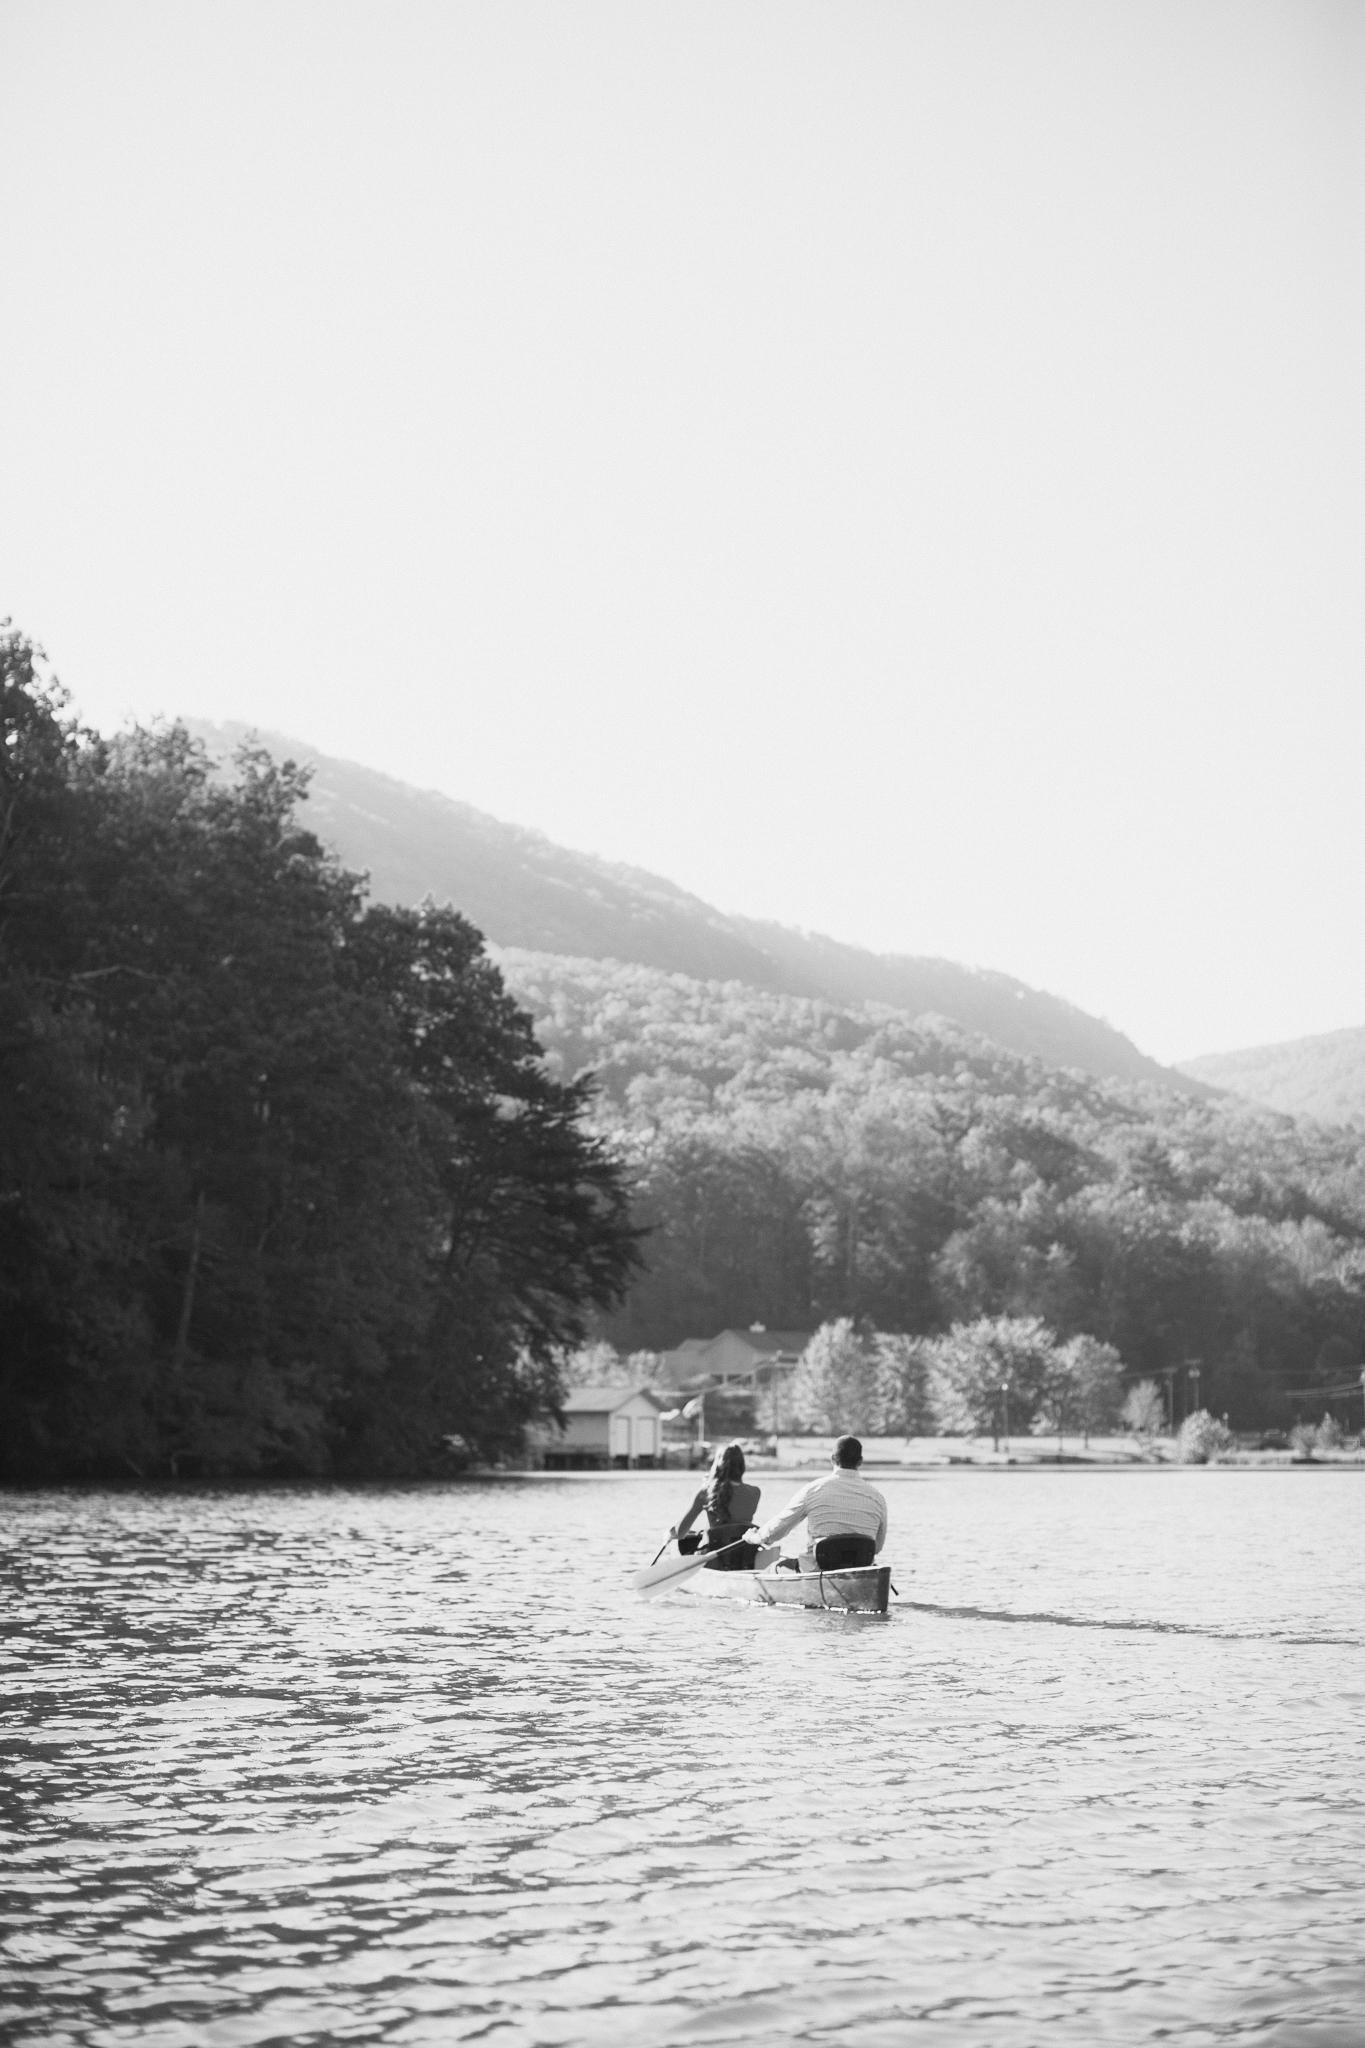 lake lure canoe engagement